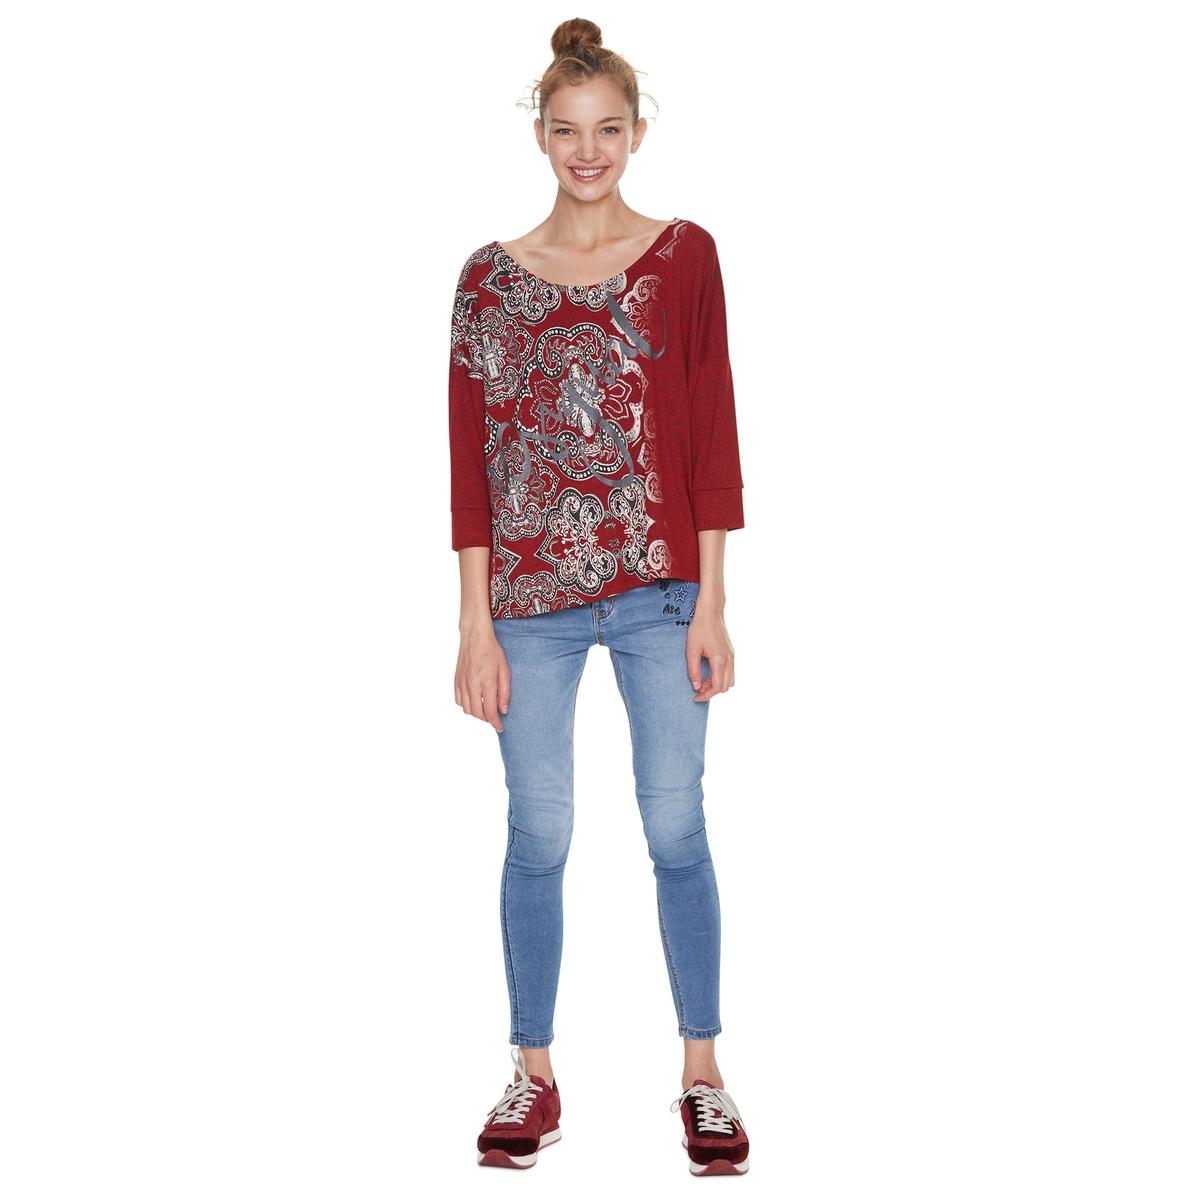 Camiseta con cuello redondo y manga 3/4, con estampado étnico